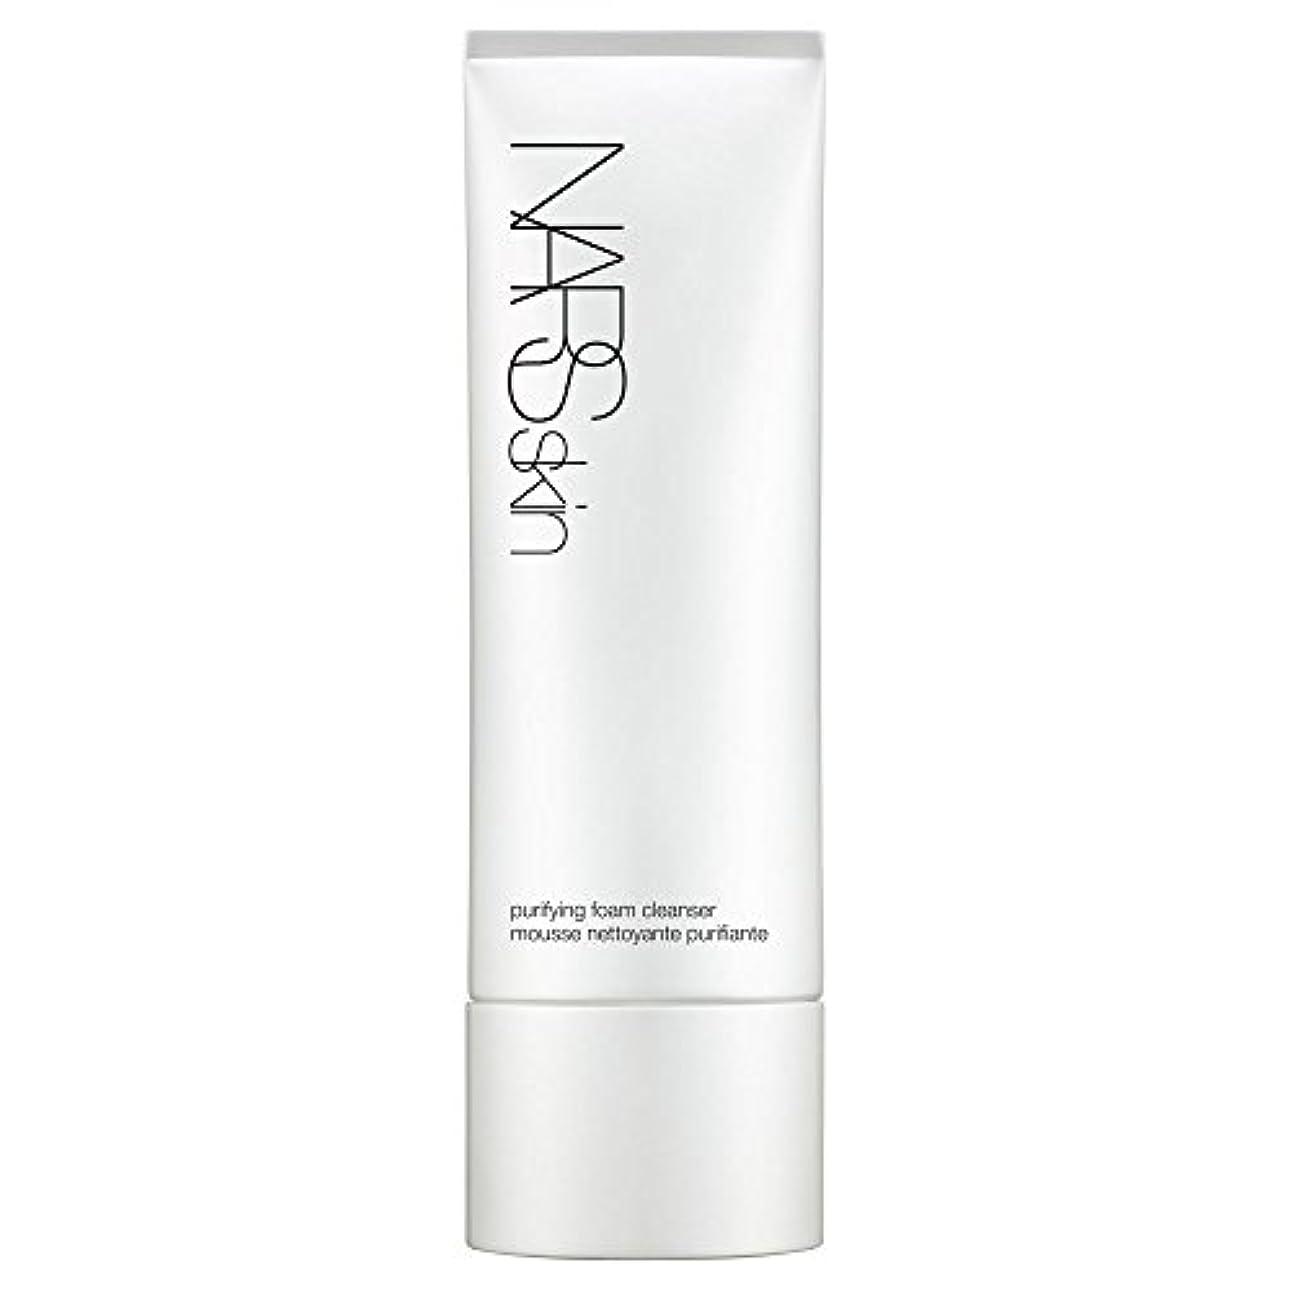 販売計画振動させるコロニアル[NARS] 125ミリリットルNarsskin浄化泡洗顔料、 - Narsskin Purifying Foam Cleanser, 125ml [並行輸入品]